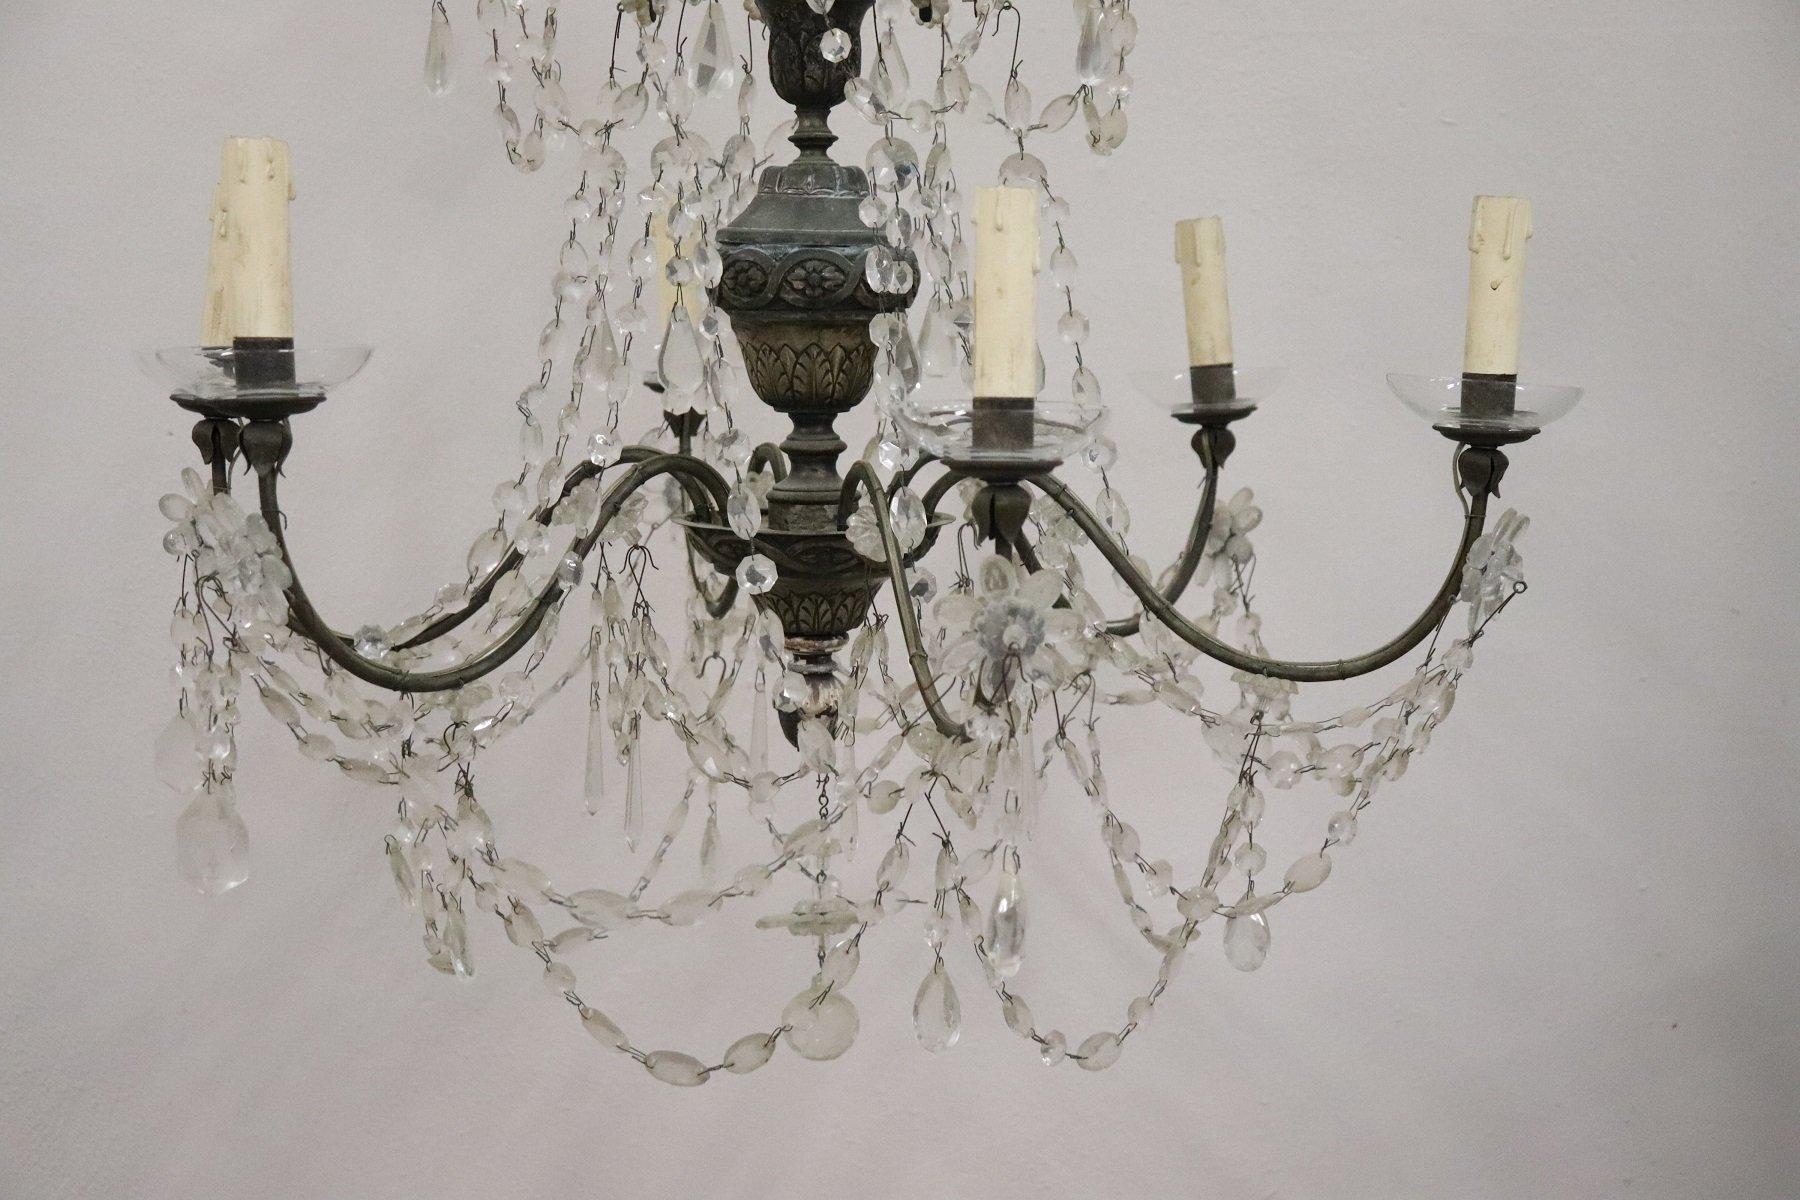 Lampadari cristallo antichi lampadari antichi lampadari antichi